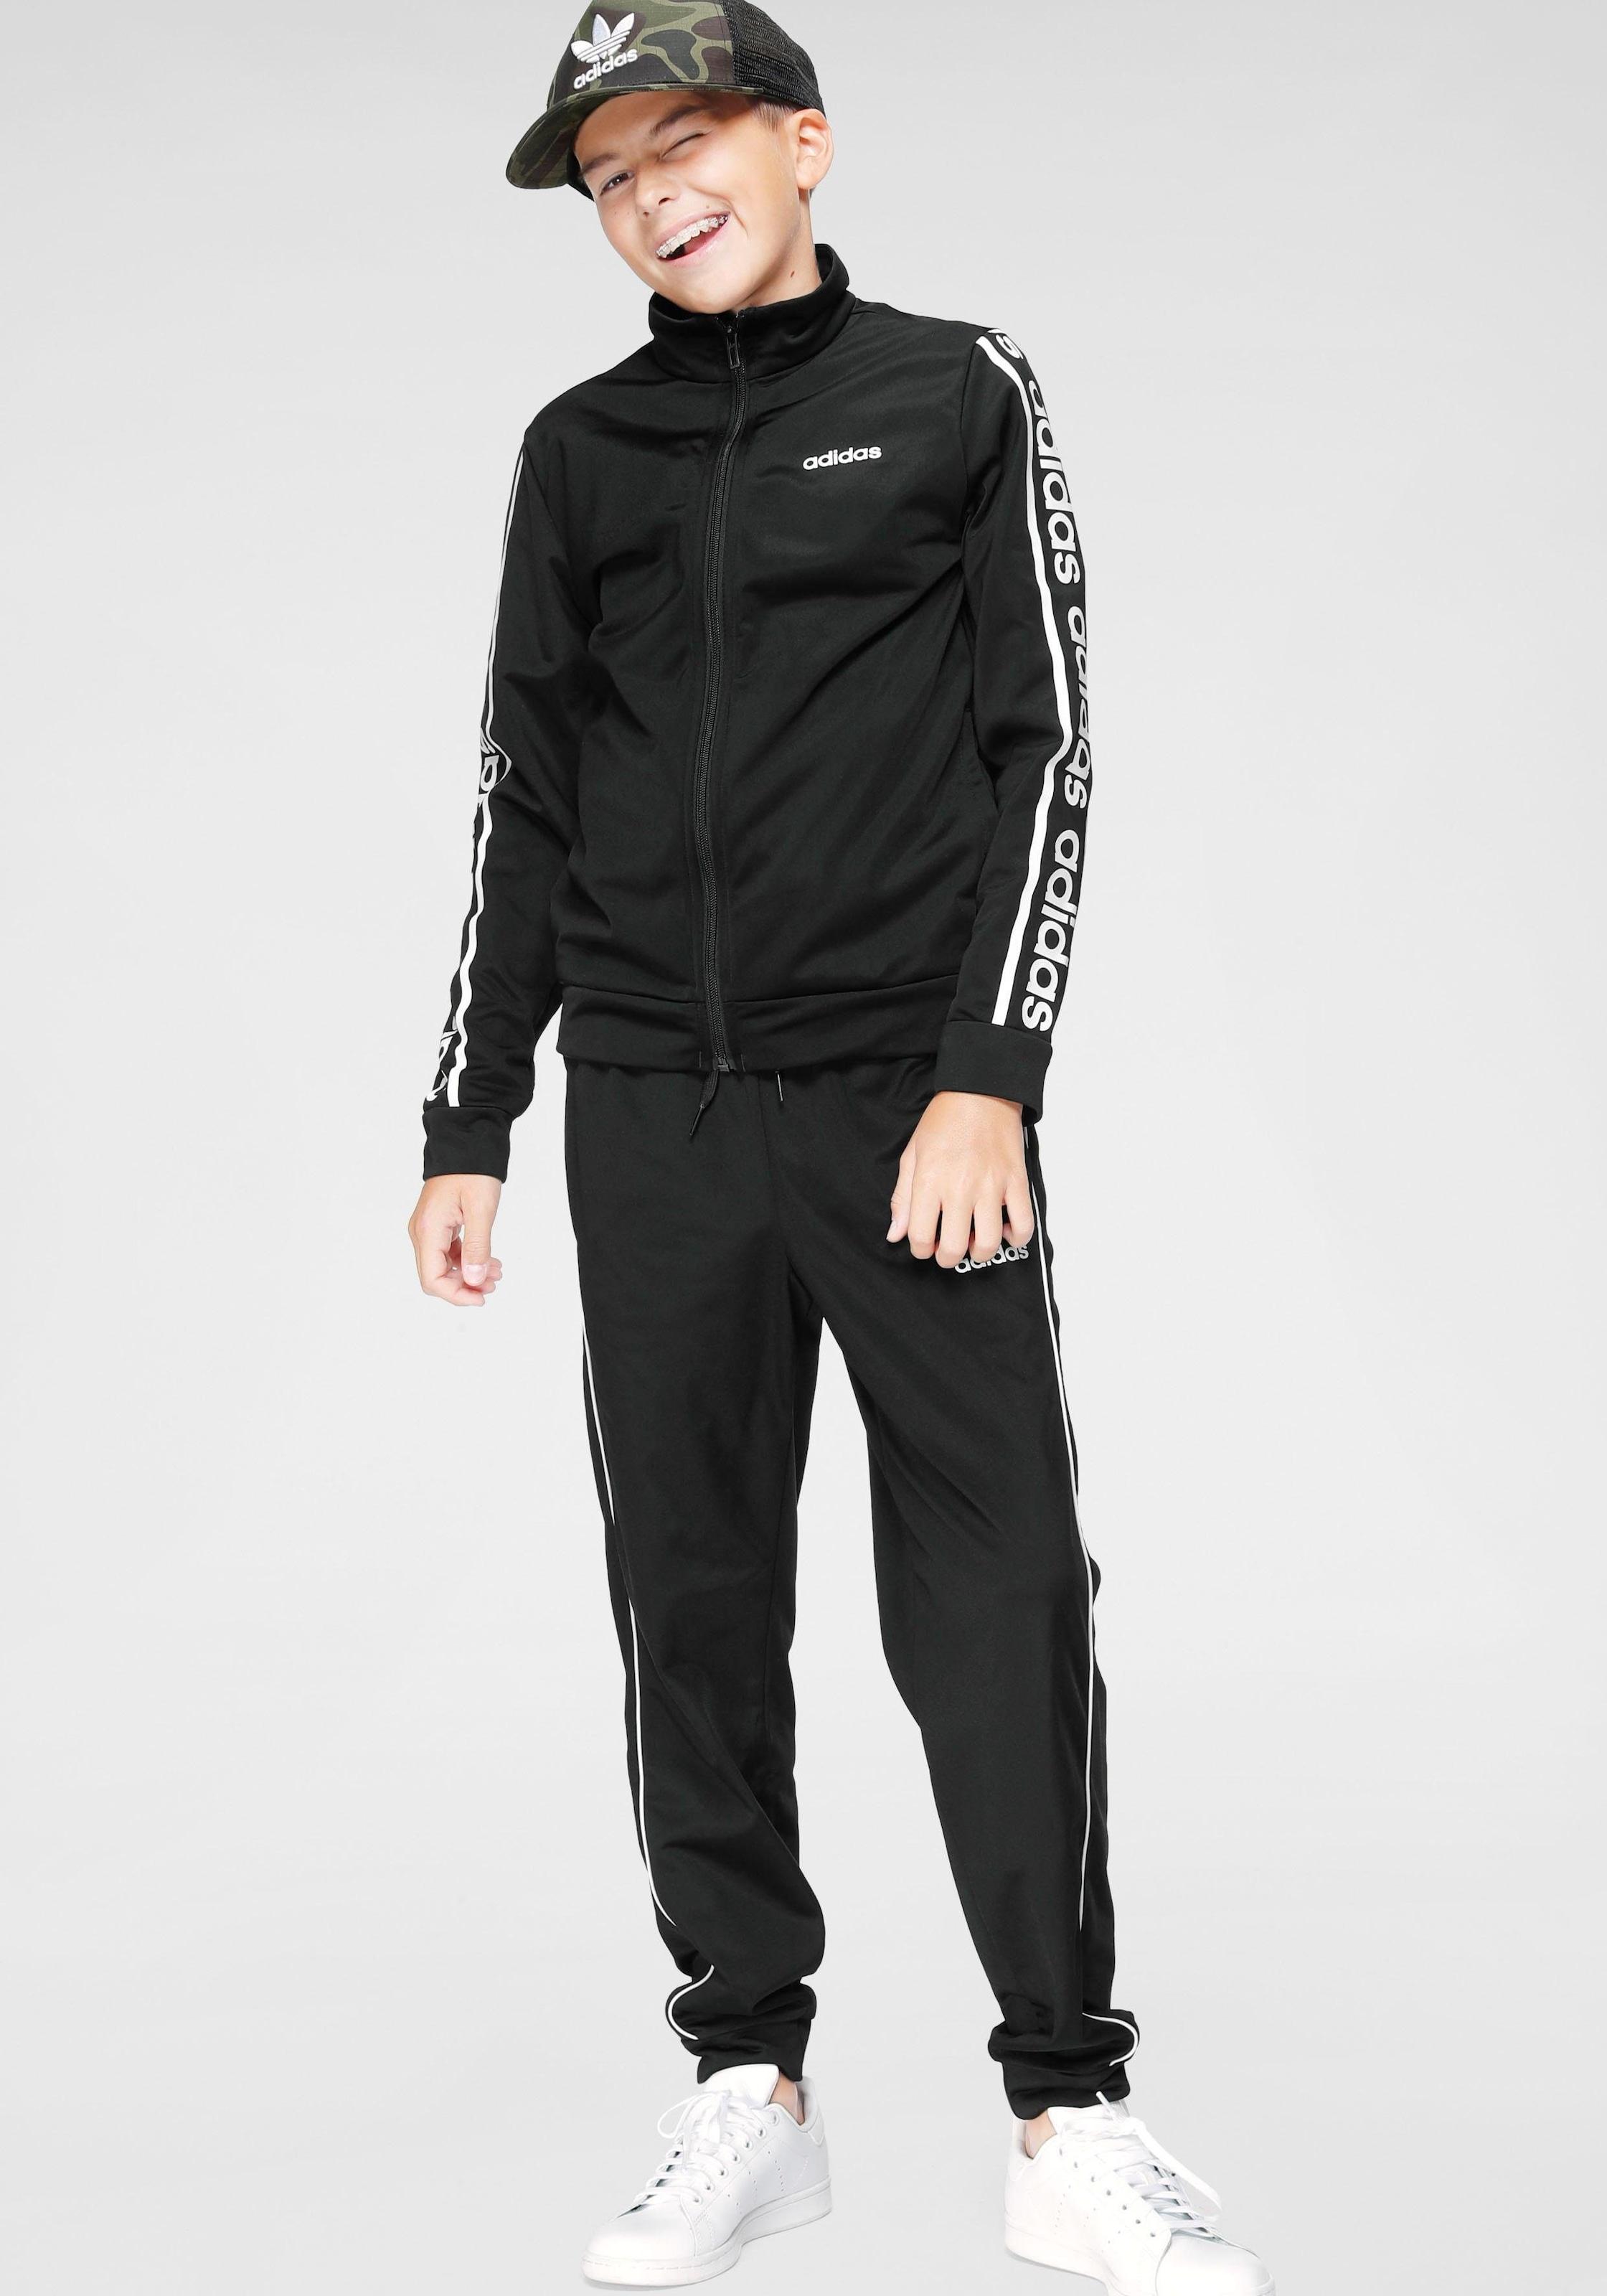 adidas Trainingsanzug BOYS TRACKSUIT (Set 2 tlg)   04062051555843